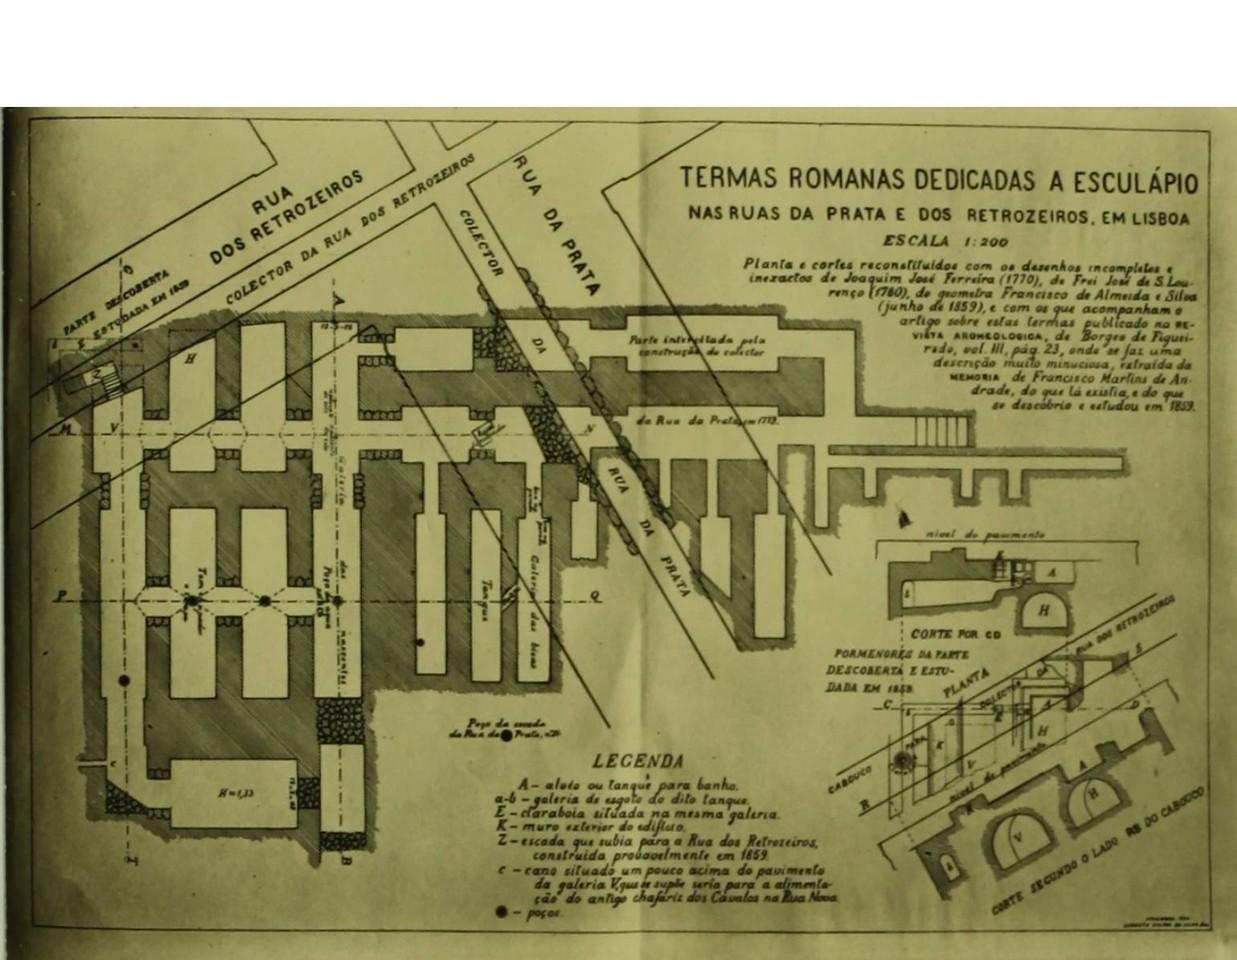 Galerias romanas dedicadas a Esculápio, nas ruas